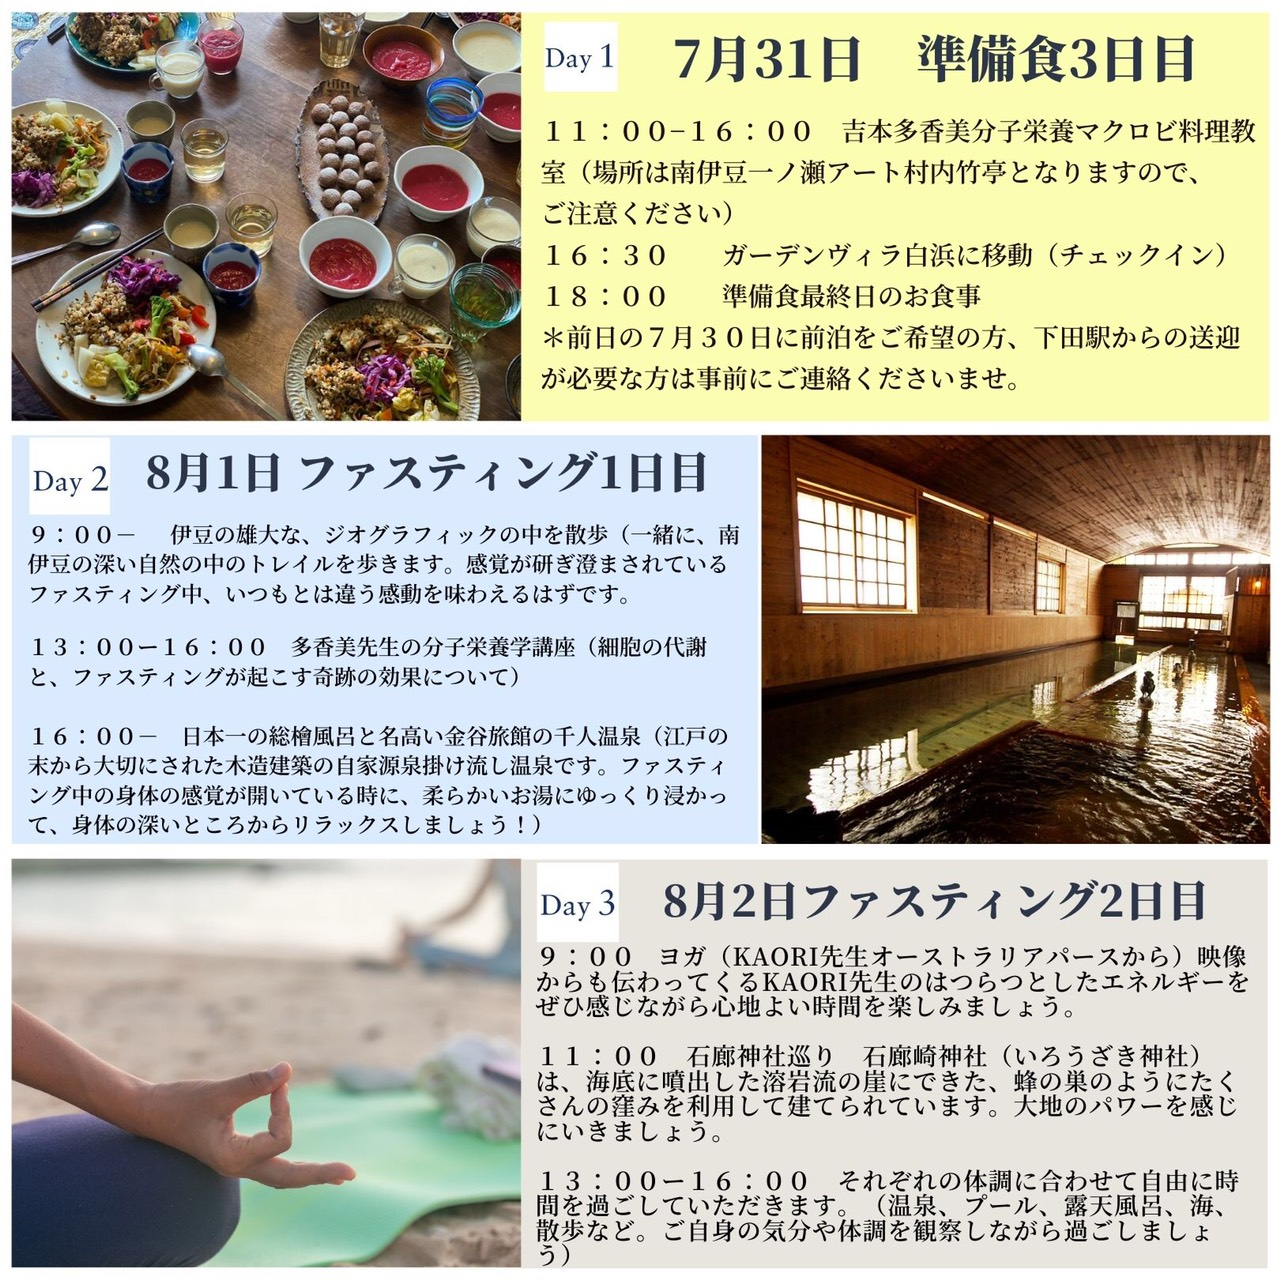 吉本多香美のマクロビファスティング|石垣島|断食|体質改善